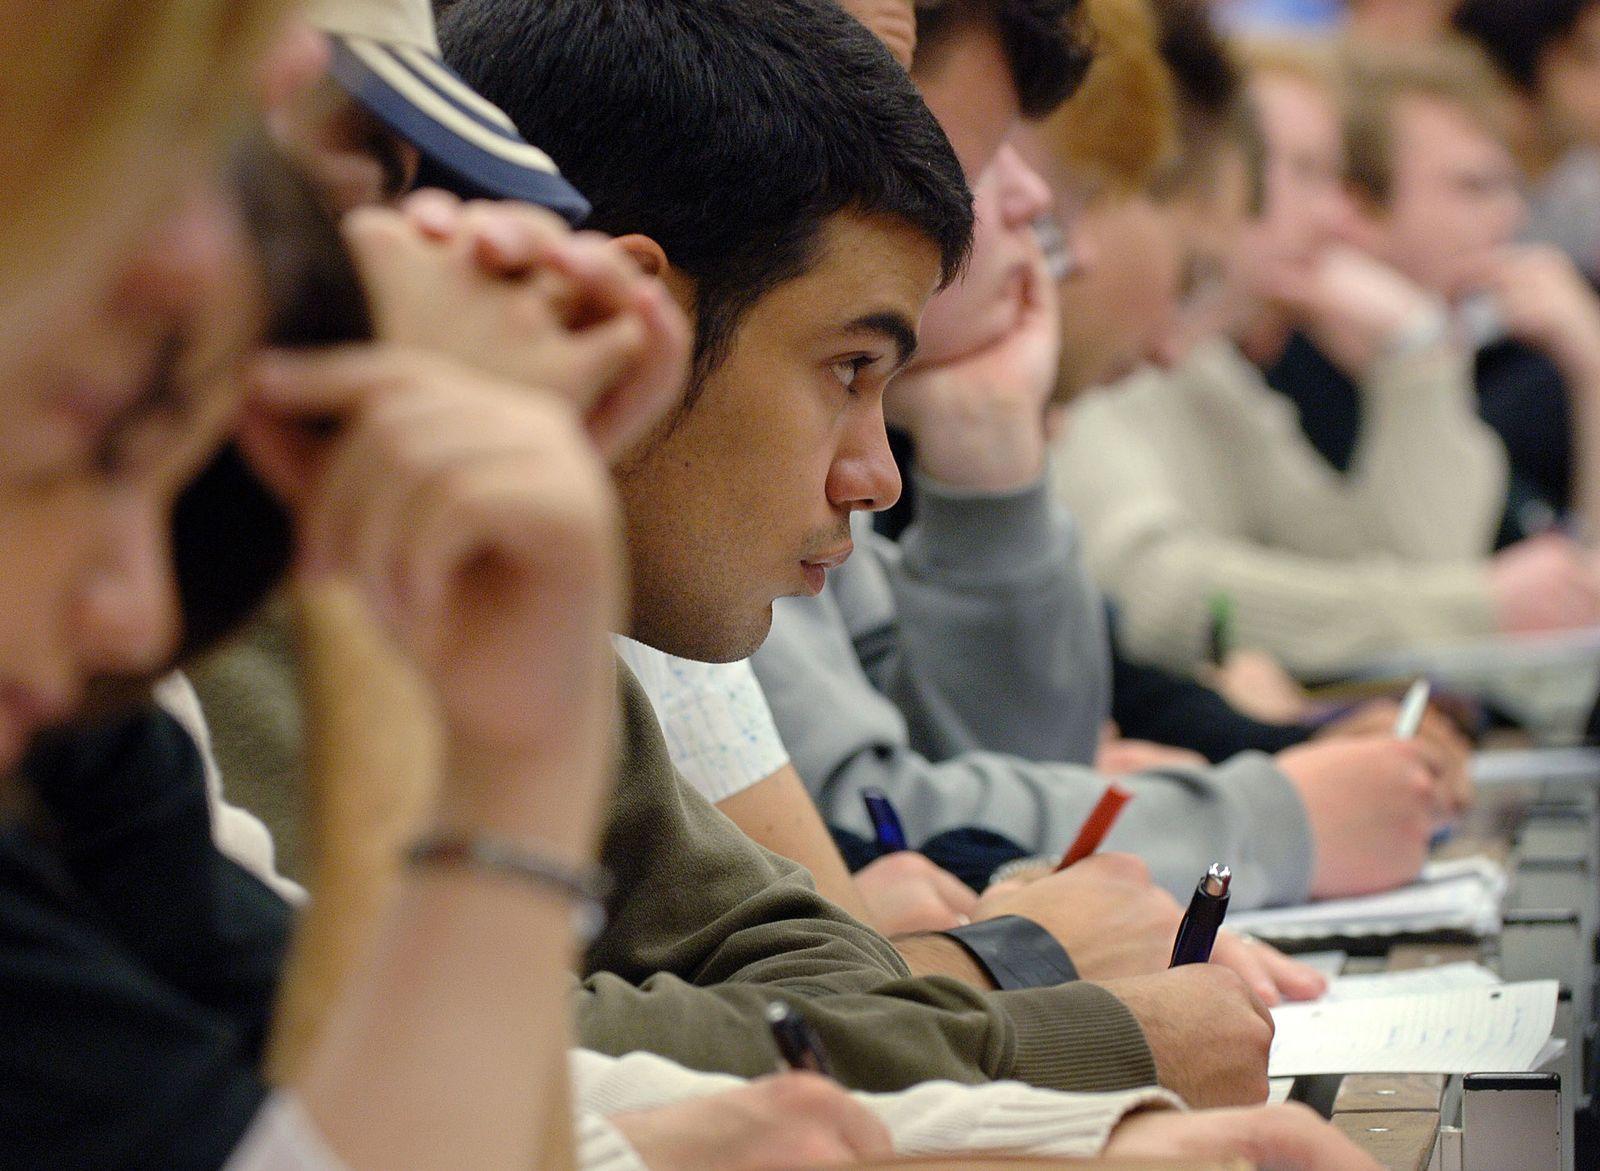 Ausländische Studenten/ Migration